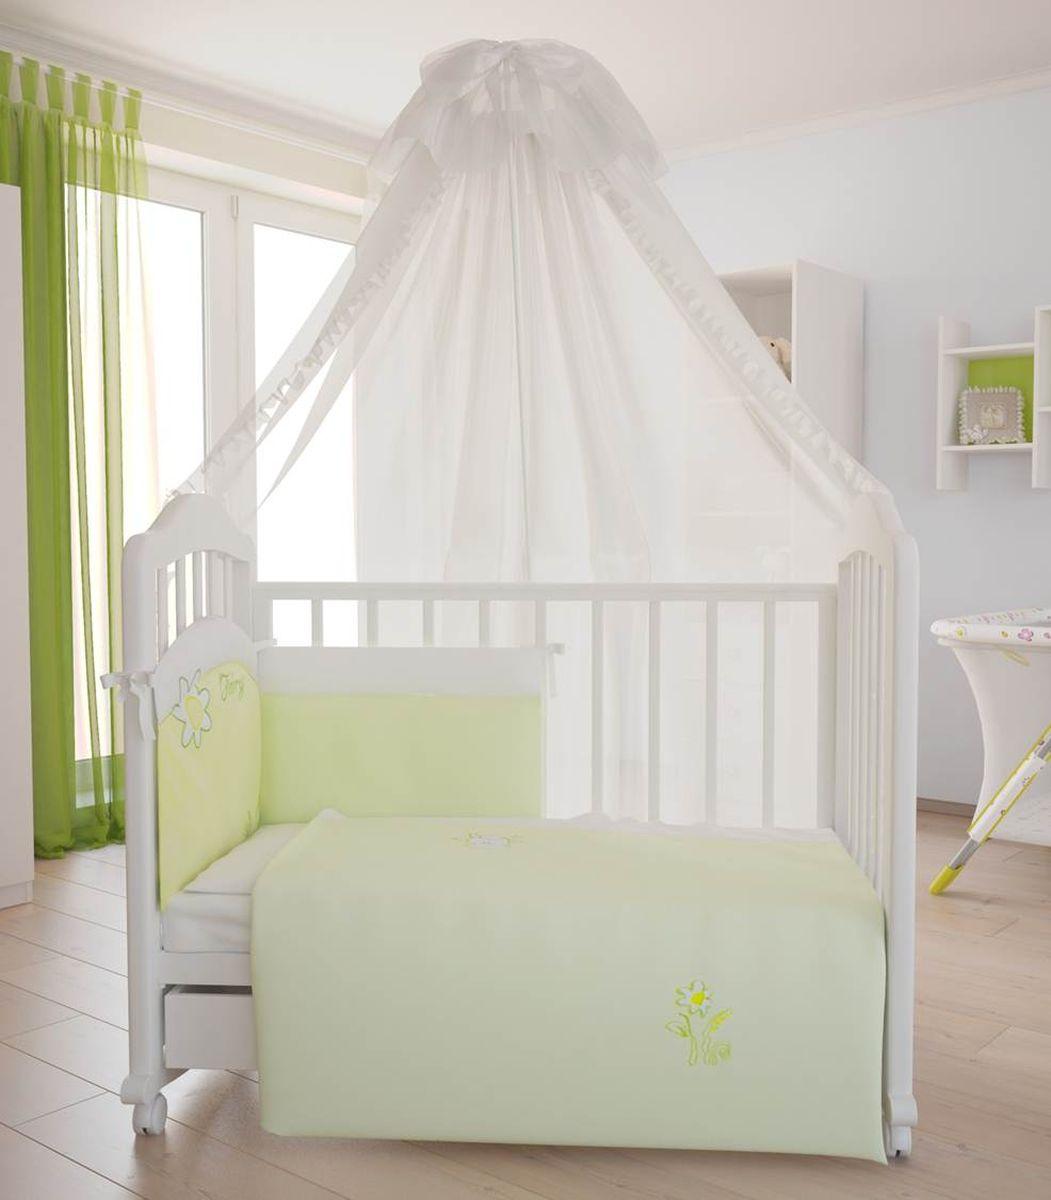 Комплект белья для новорожденных Fairy На лугу, цвет: белый, желтый, 7 предметов fairy комплект белья для новорожденных белые кудряшки цвет белый зеленый 7 предметов